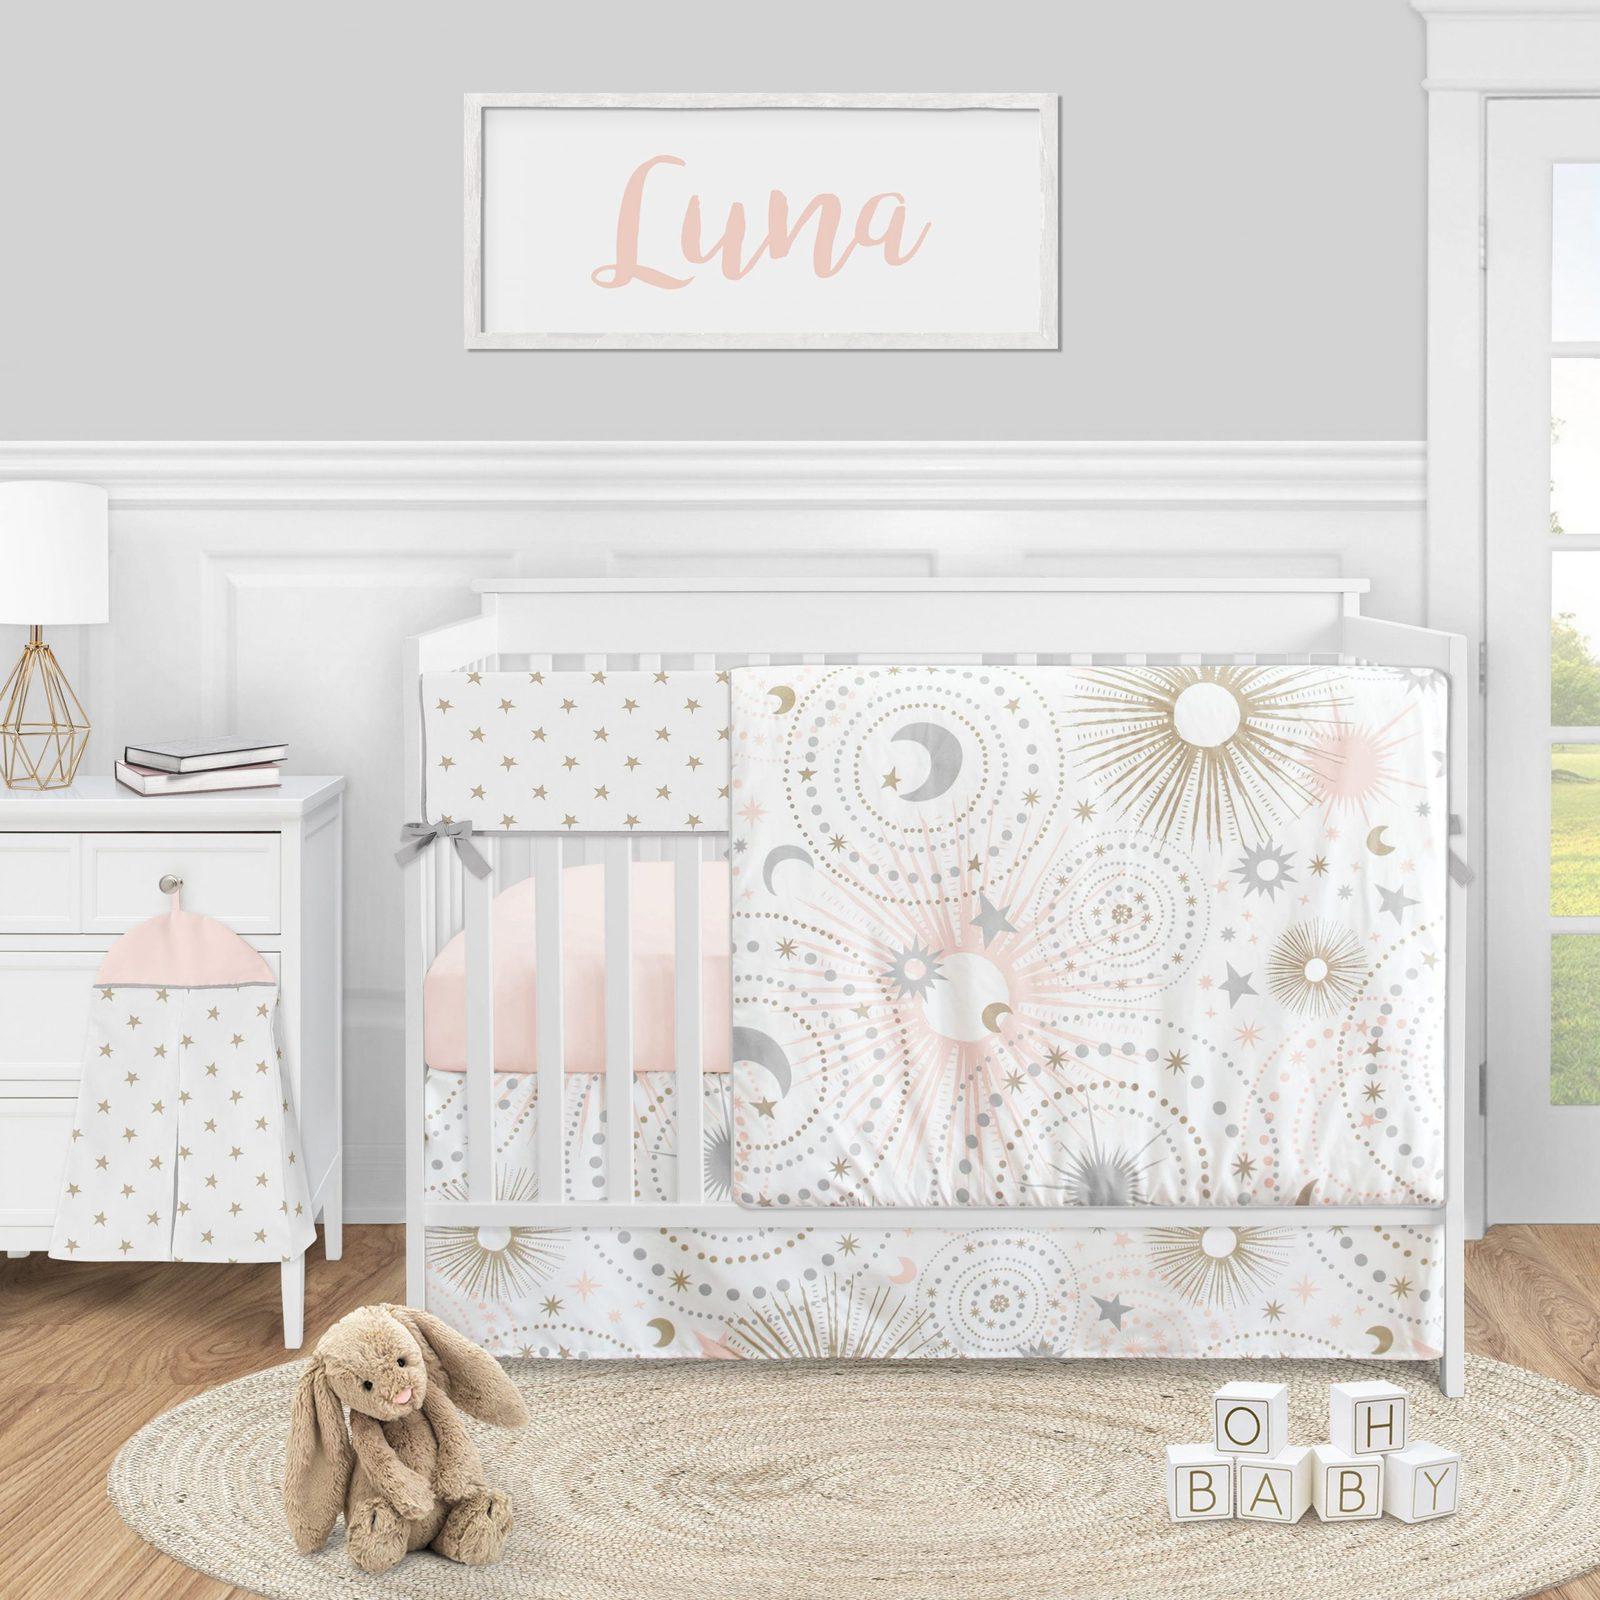 Choose Some Adorable Bedding